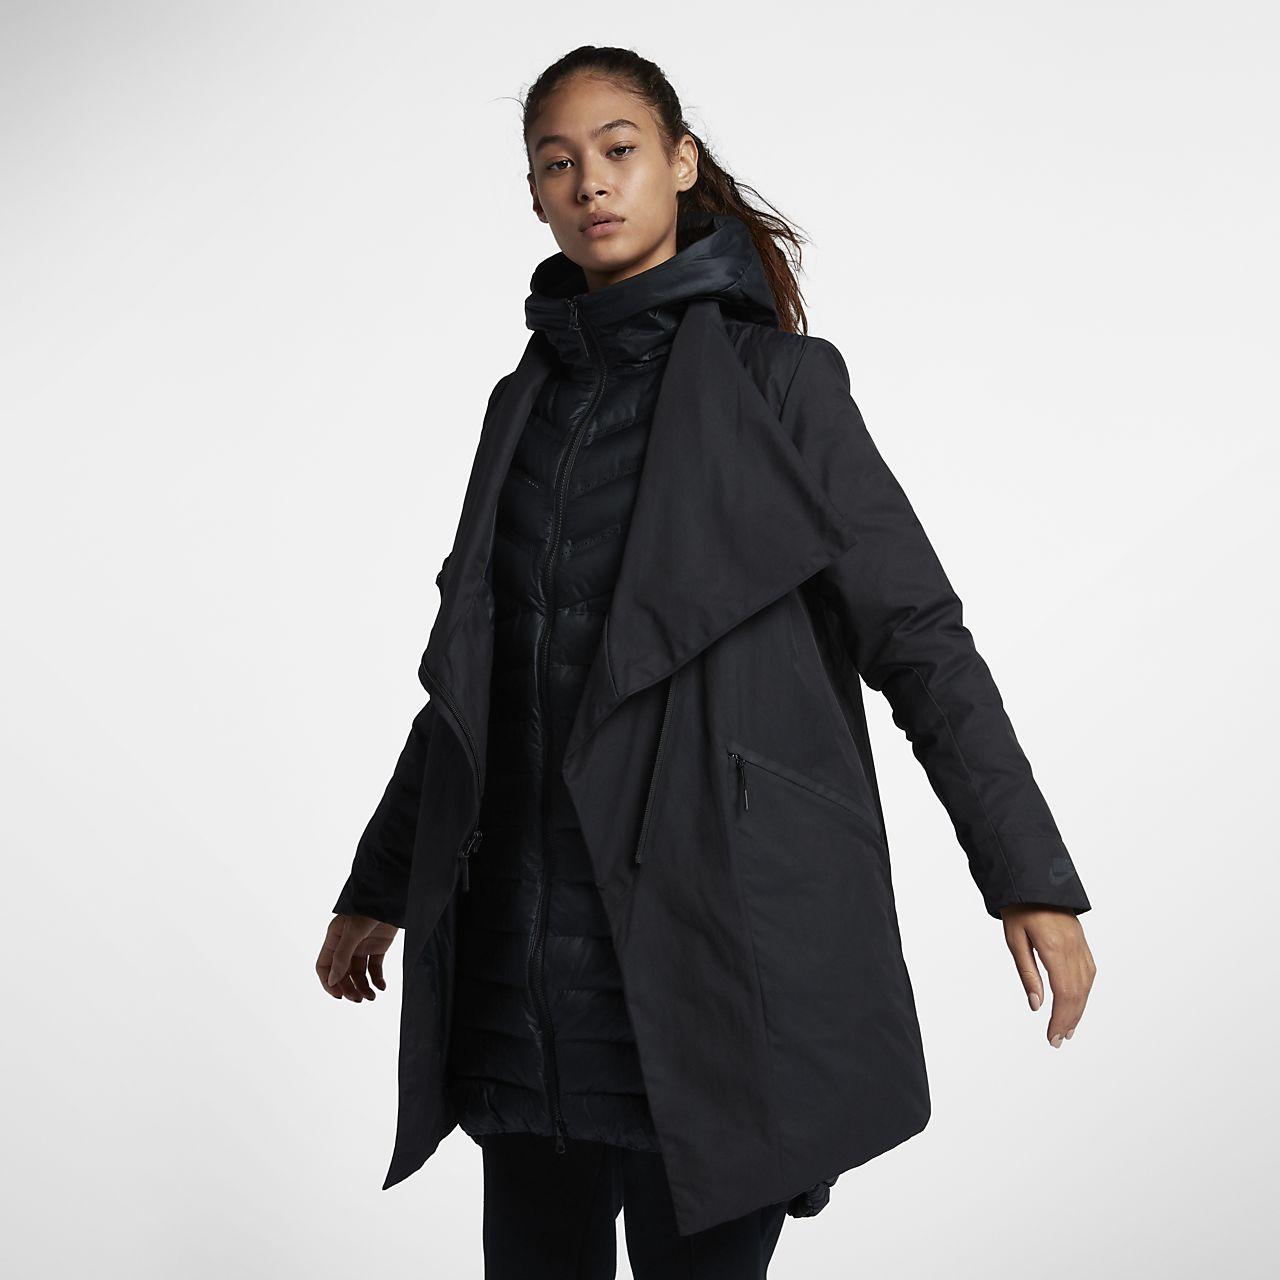 Veste parka femme Sportswear AeroLoft 3IN1 Nike · Nike